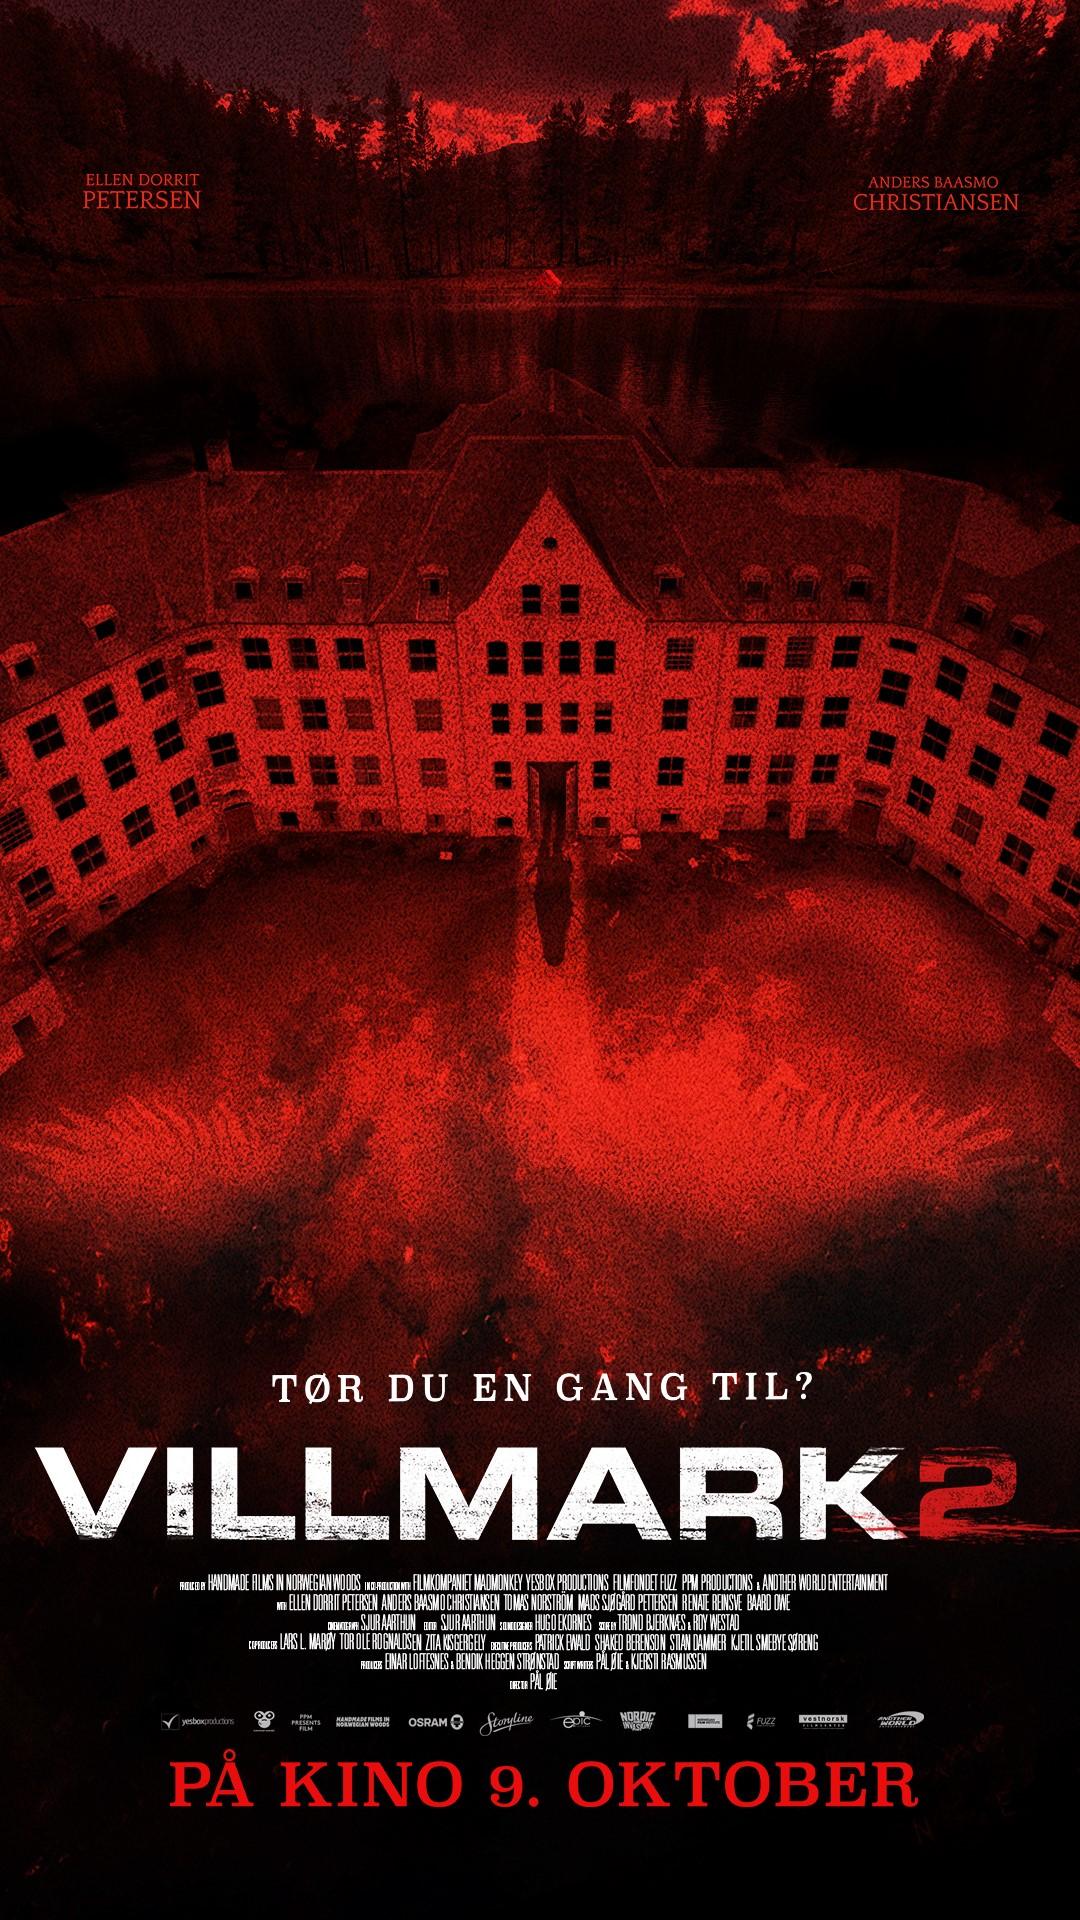 «Villmark 2» – plakat